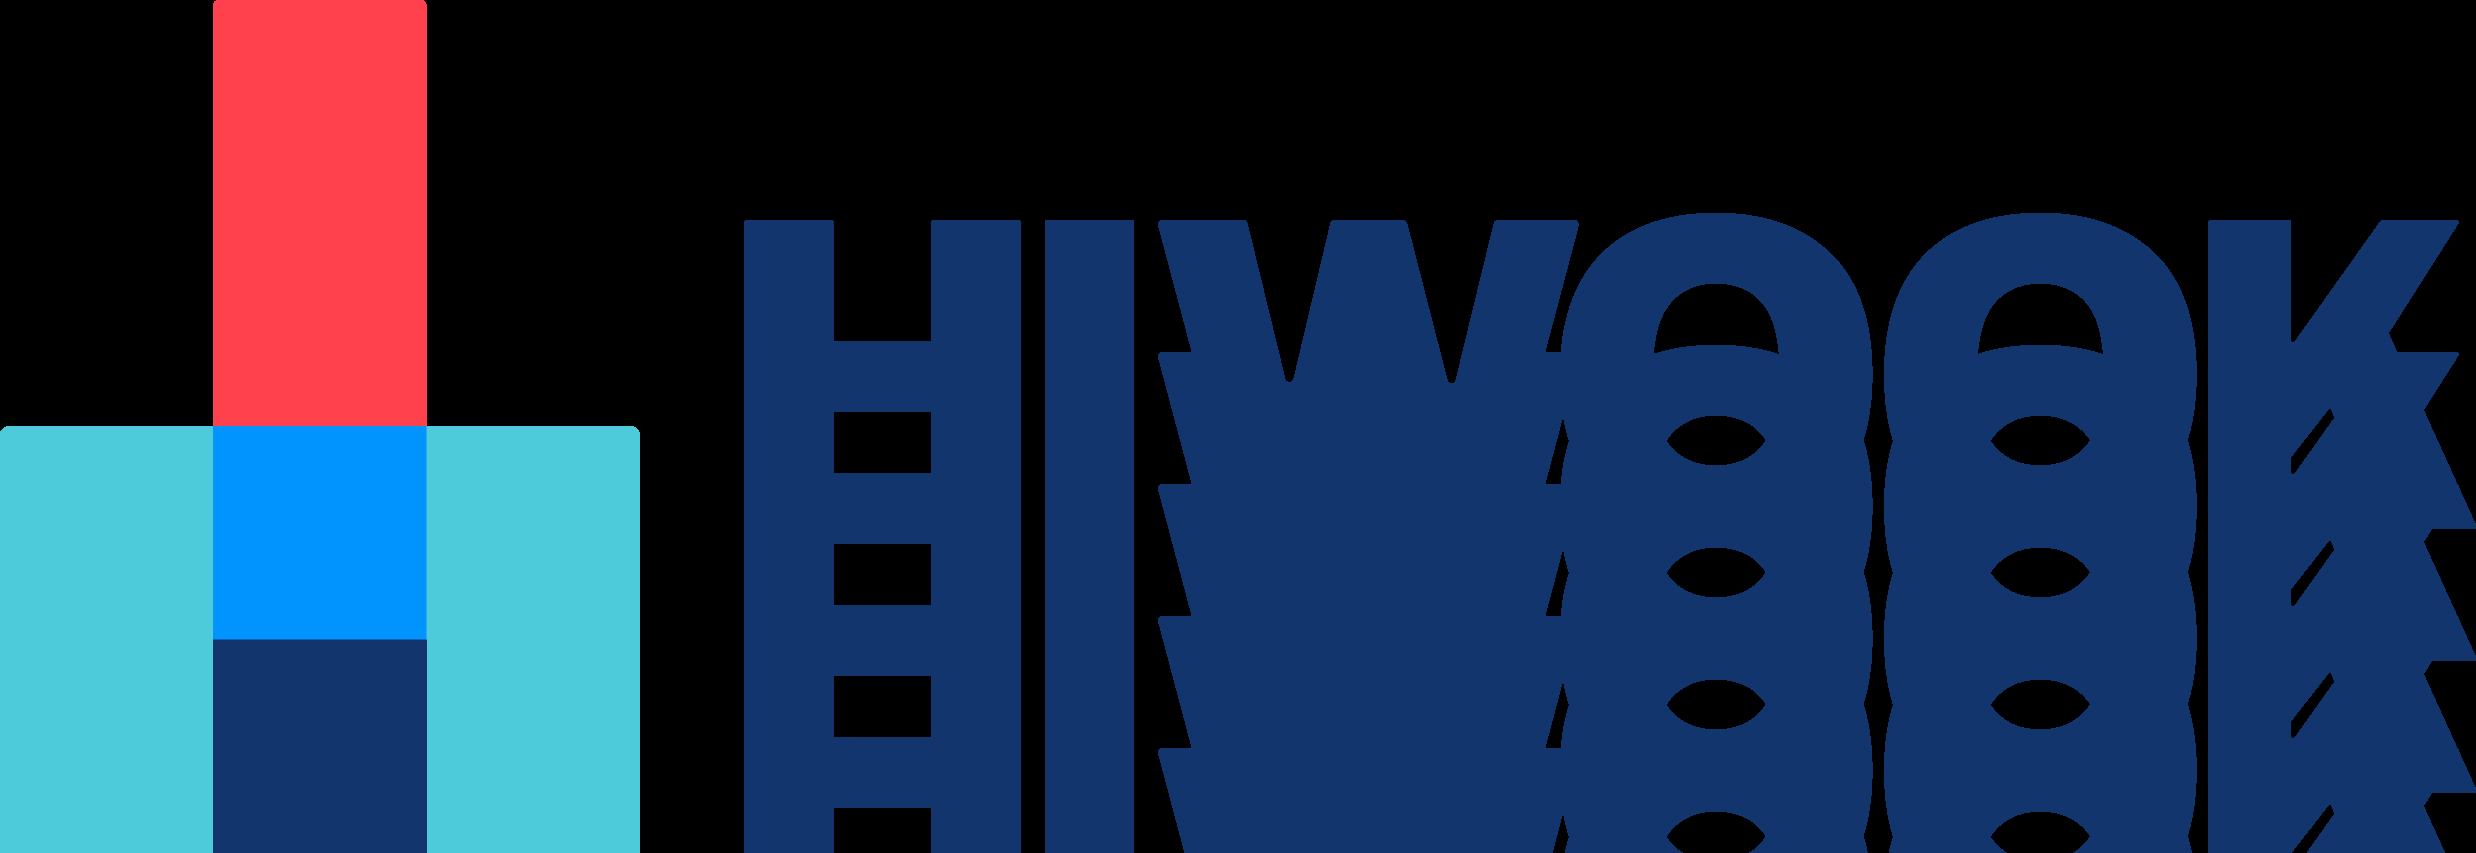 hiwook logo